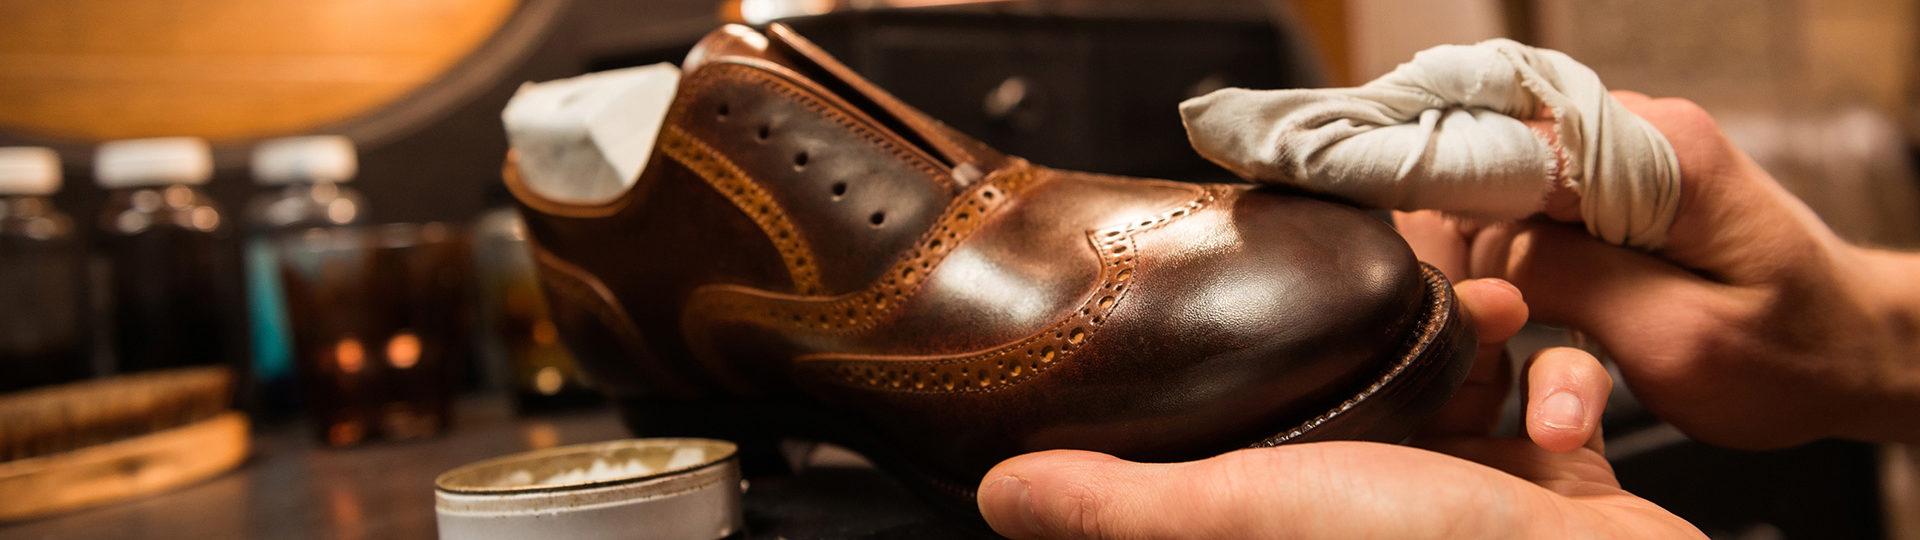 Reichl Schuhe von Hand gemacht